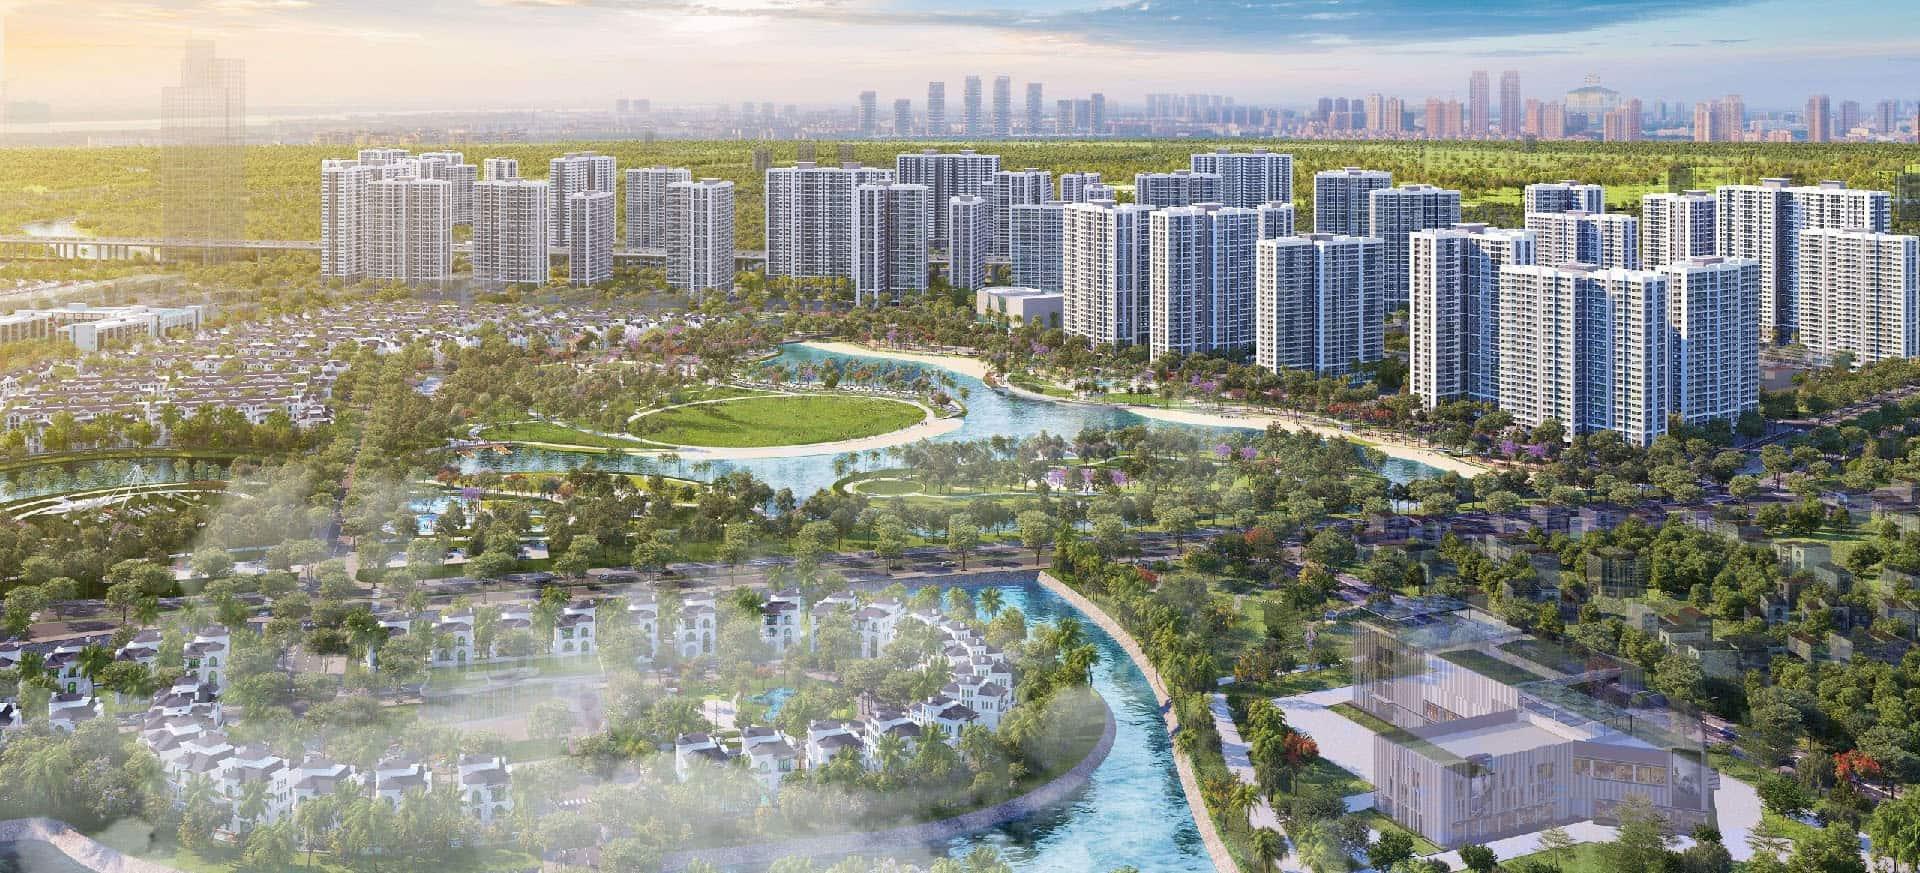 Vinhomes Grand Park và Ba Son đủ điều kiện bán nhà hình thành trong tương lai - Ảnh 1.